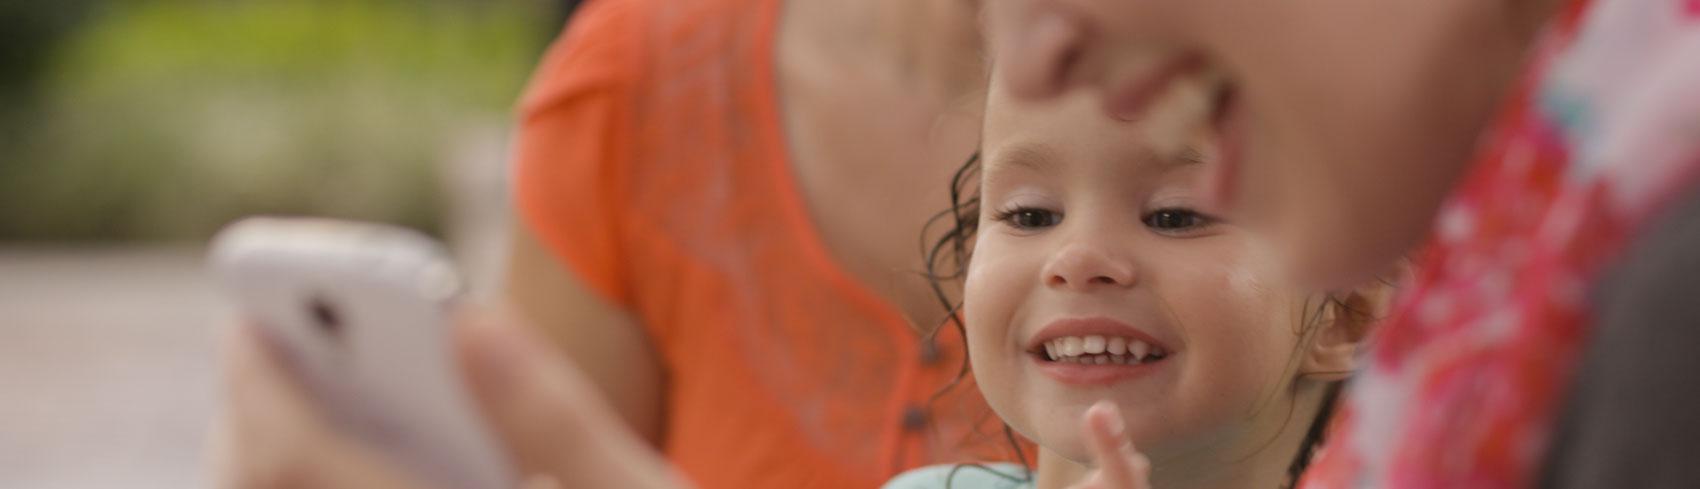 Adoption | Bethany